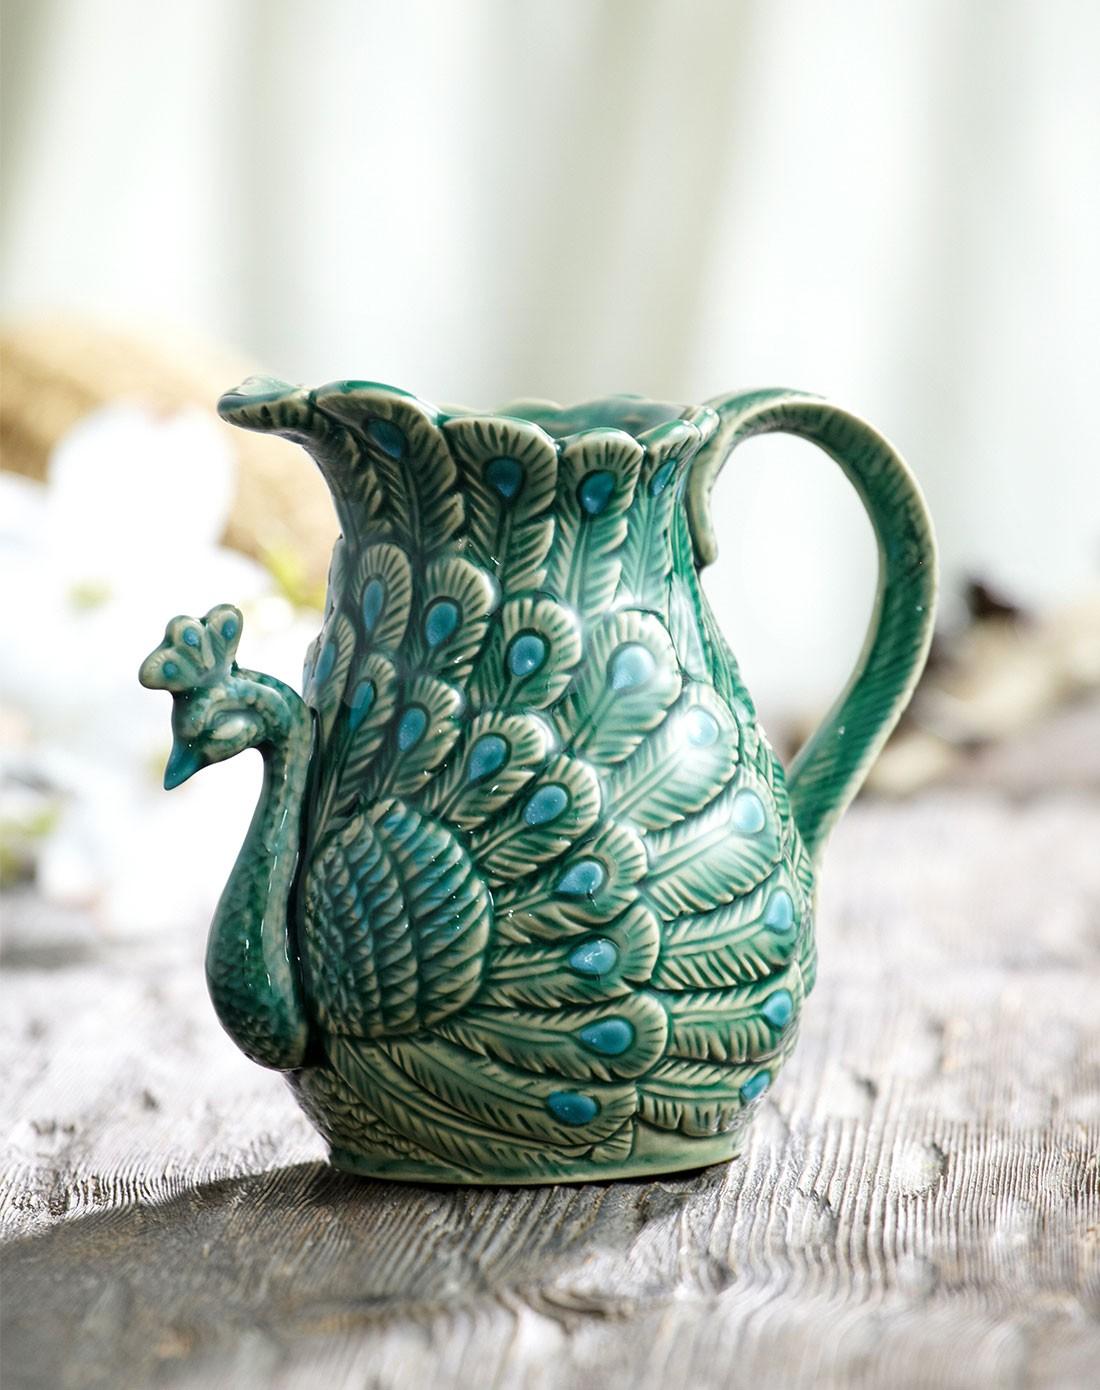 18*16cm欧式陶瓷浮雕带柄手绘艺术花瓶-翡翠孔雀